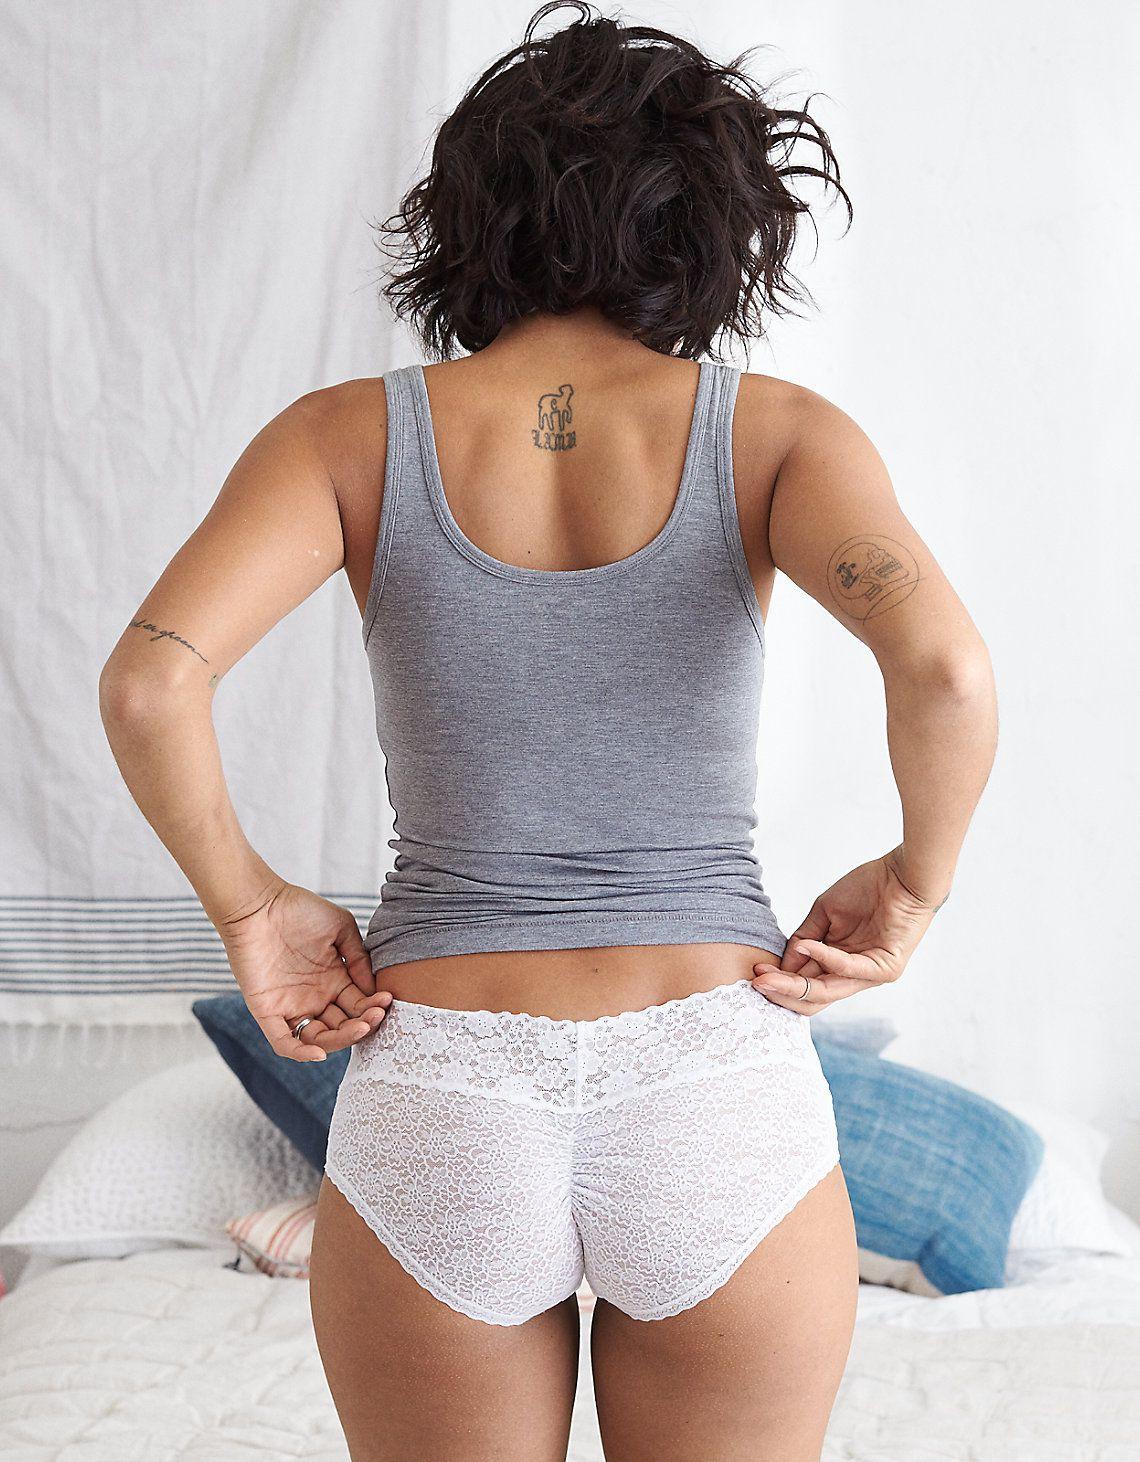 A model in lacy white underwear